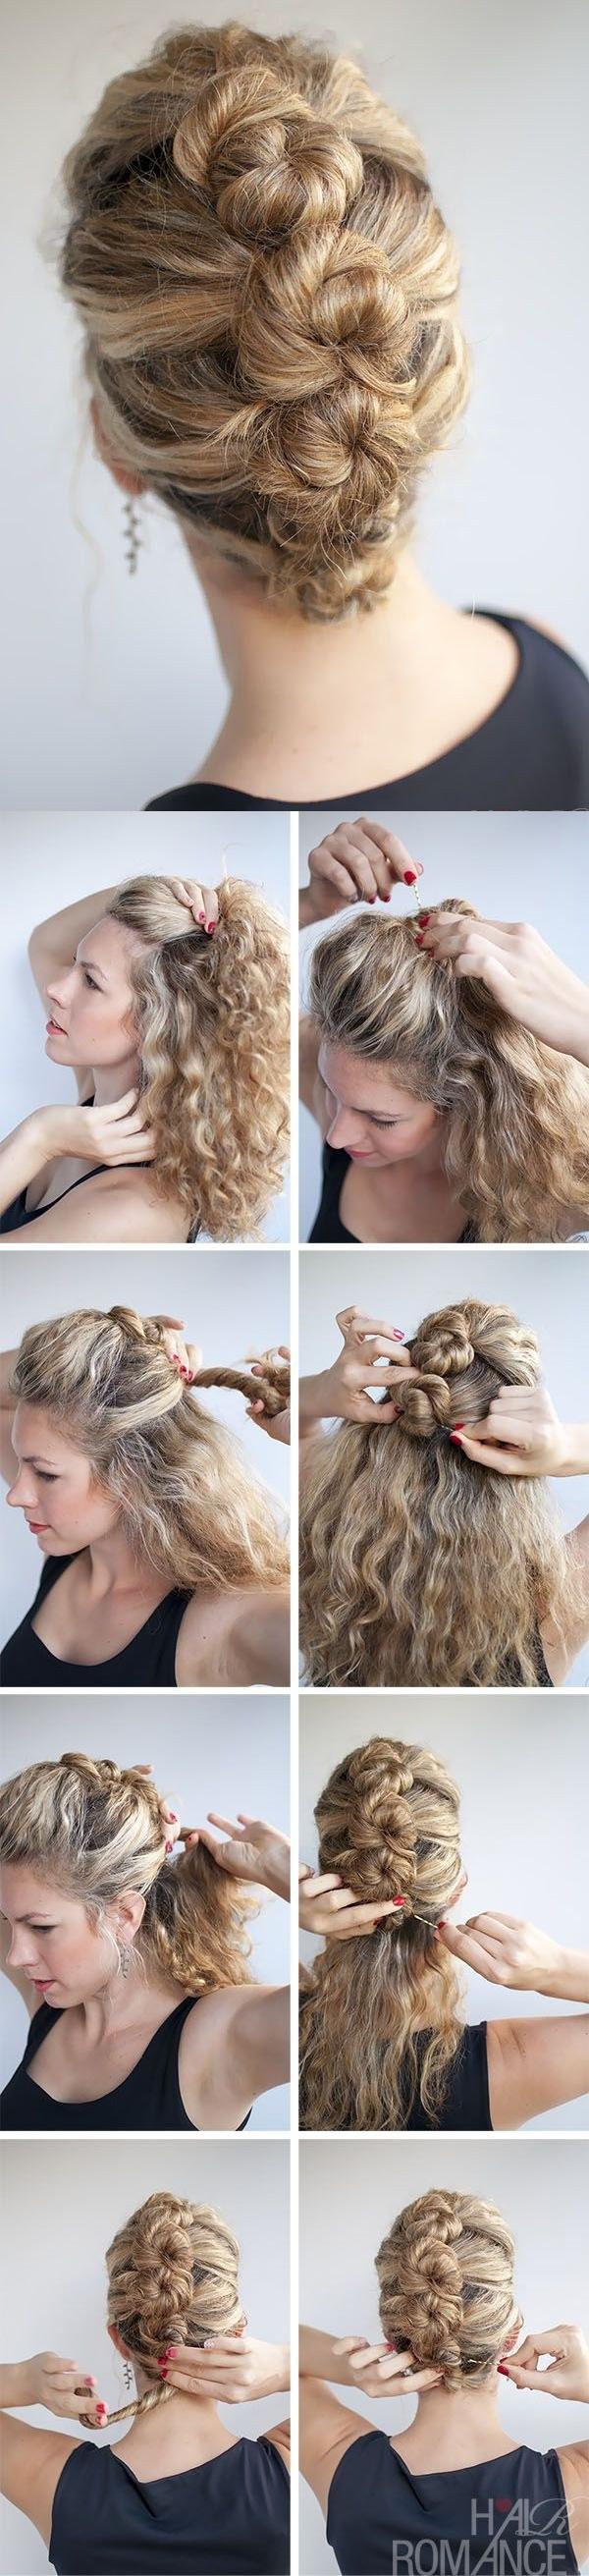 Мастер-классы причесок на средние волосы с фото